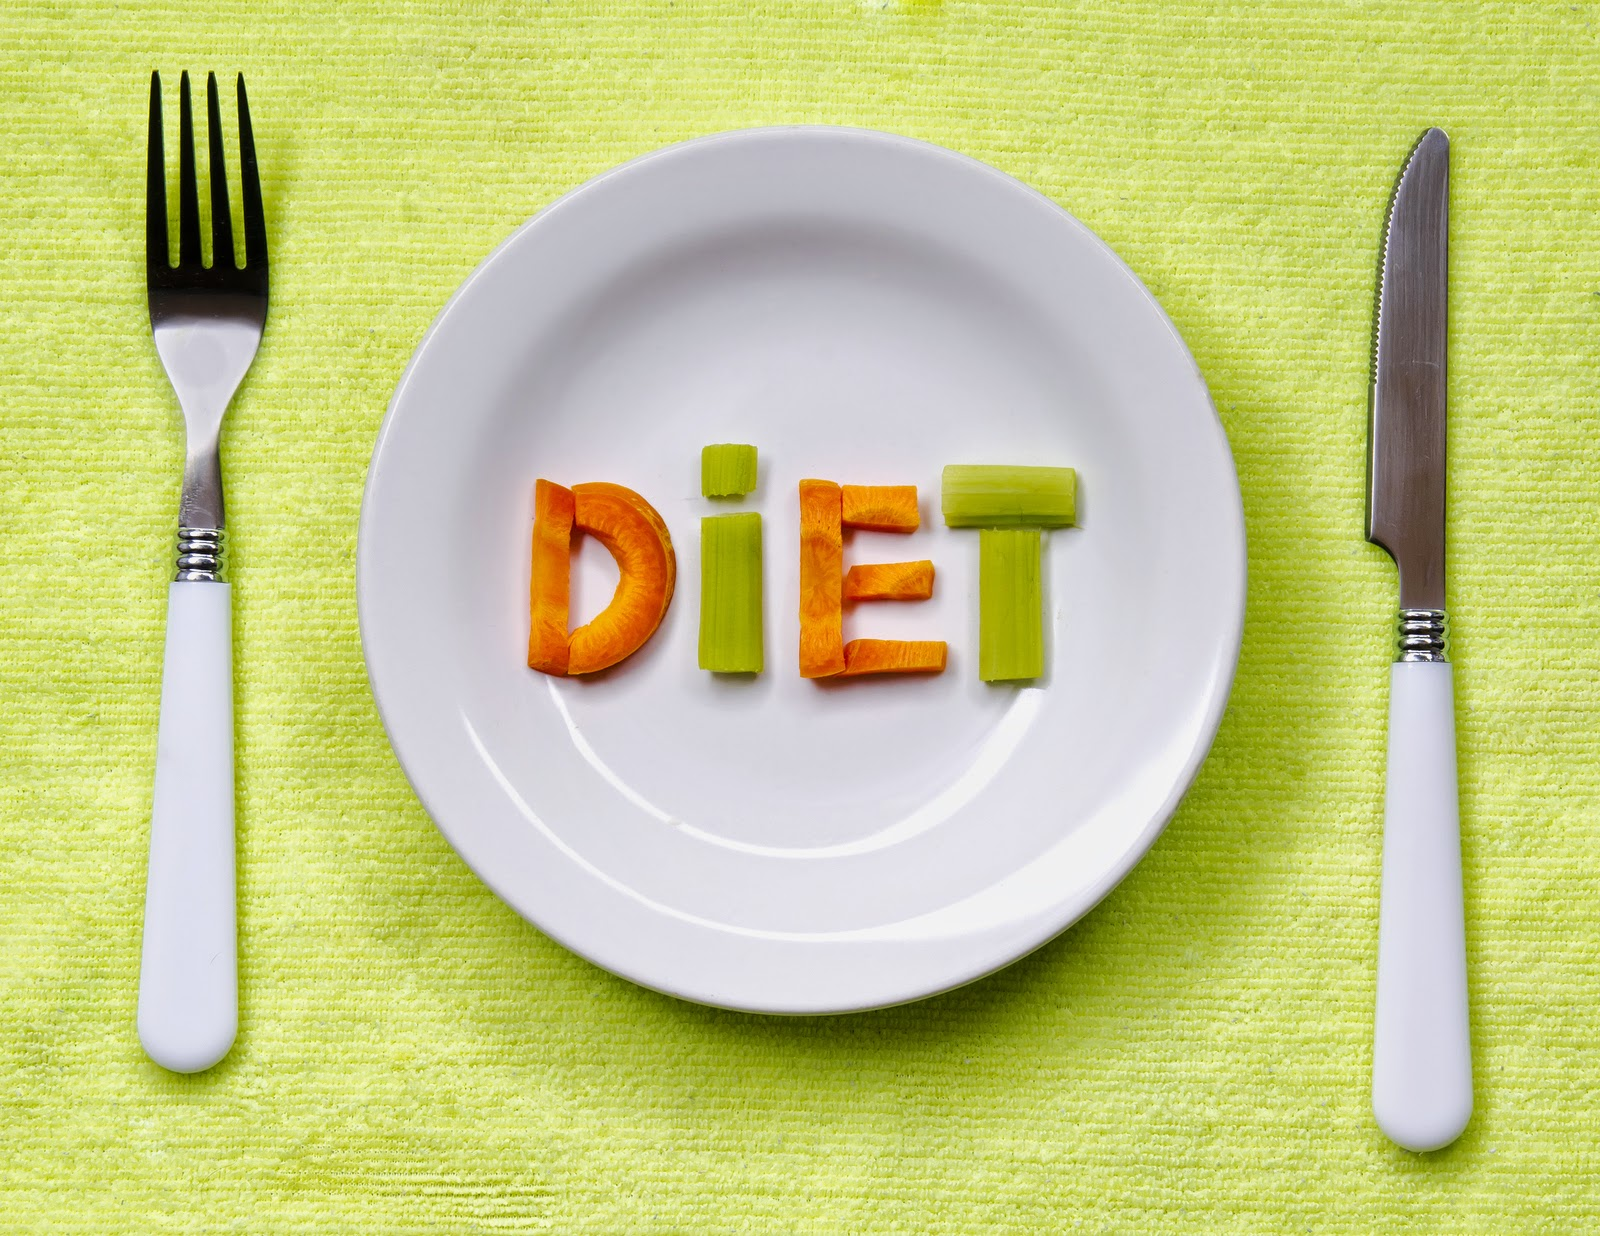 Pierdeți în greutate metabolismul mai mic - 24oradea.ro